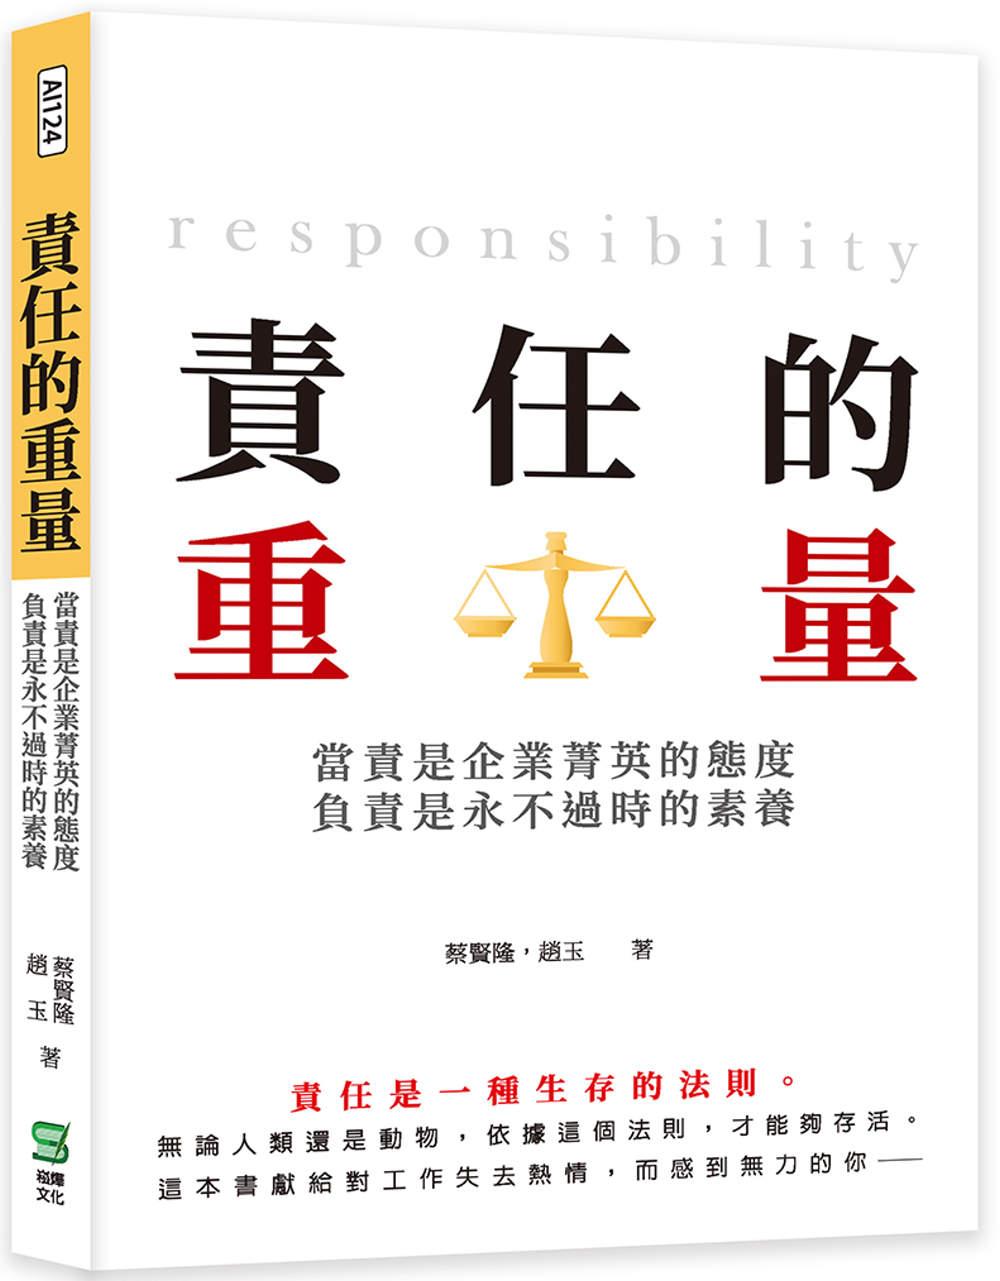 責任的重量:當責是企業菁英的態...